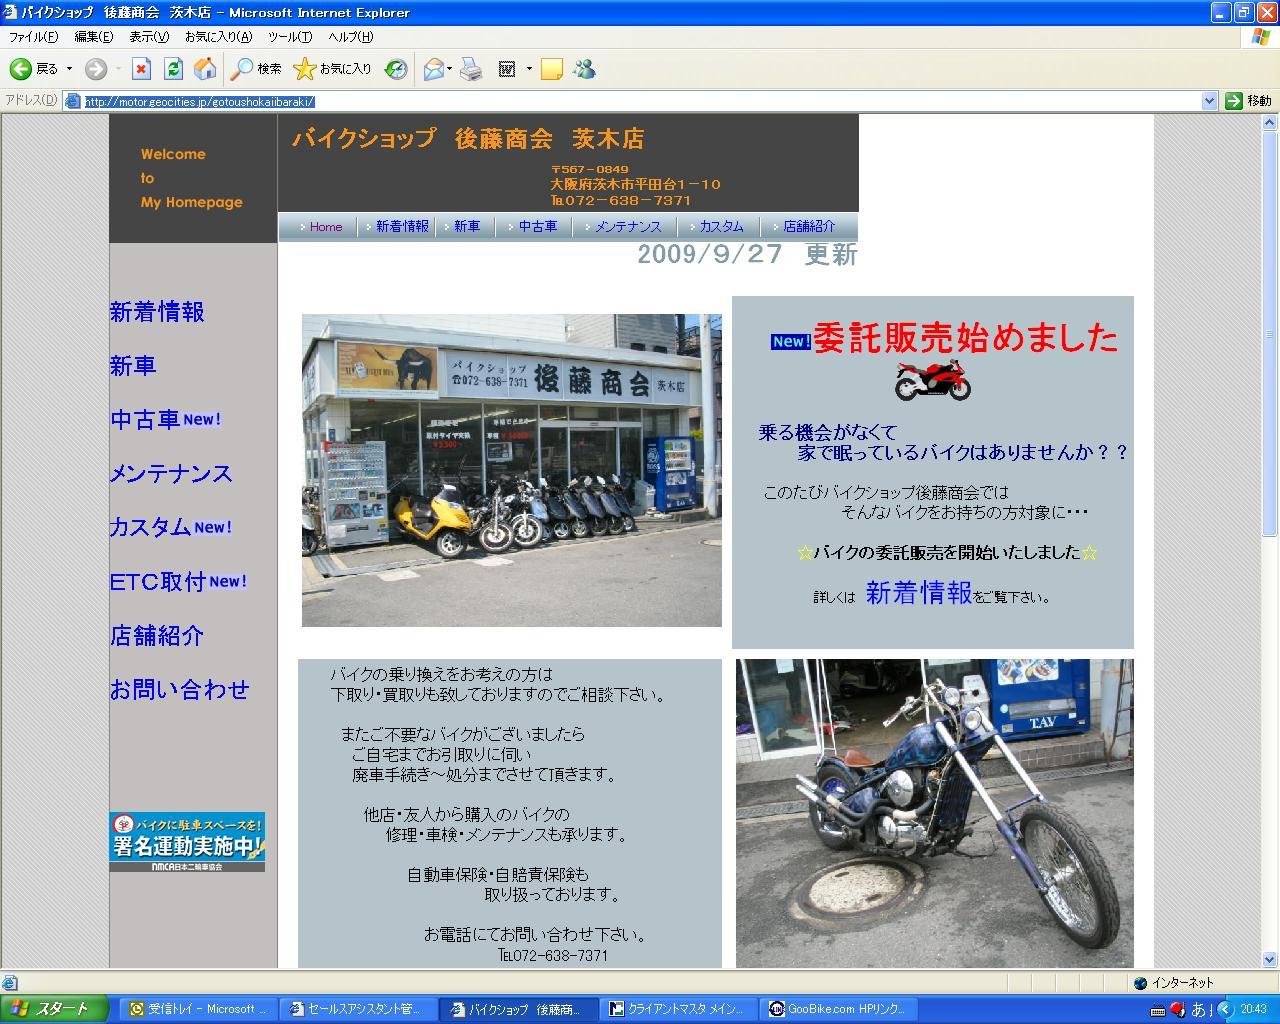 バイクショップ後藤商会 茨木店